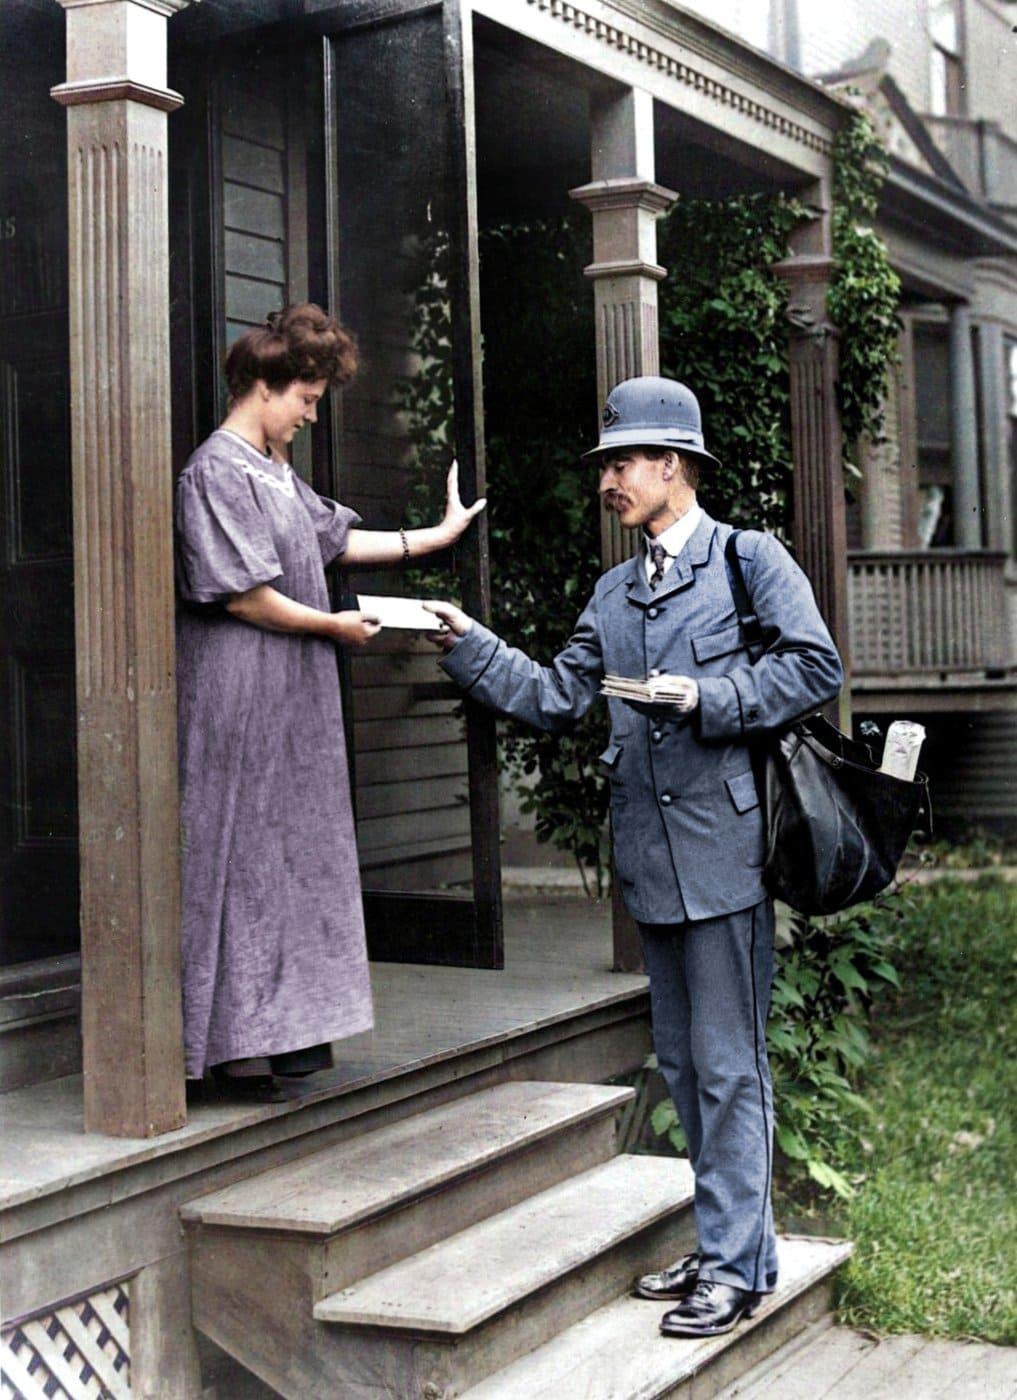 Letter Carrier delivering mail - US postal service (1908)